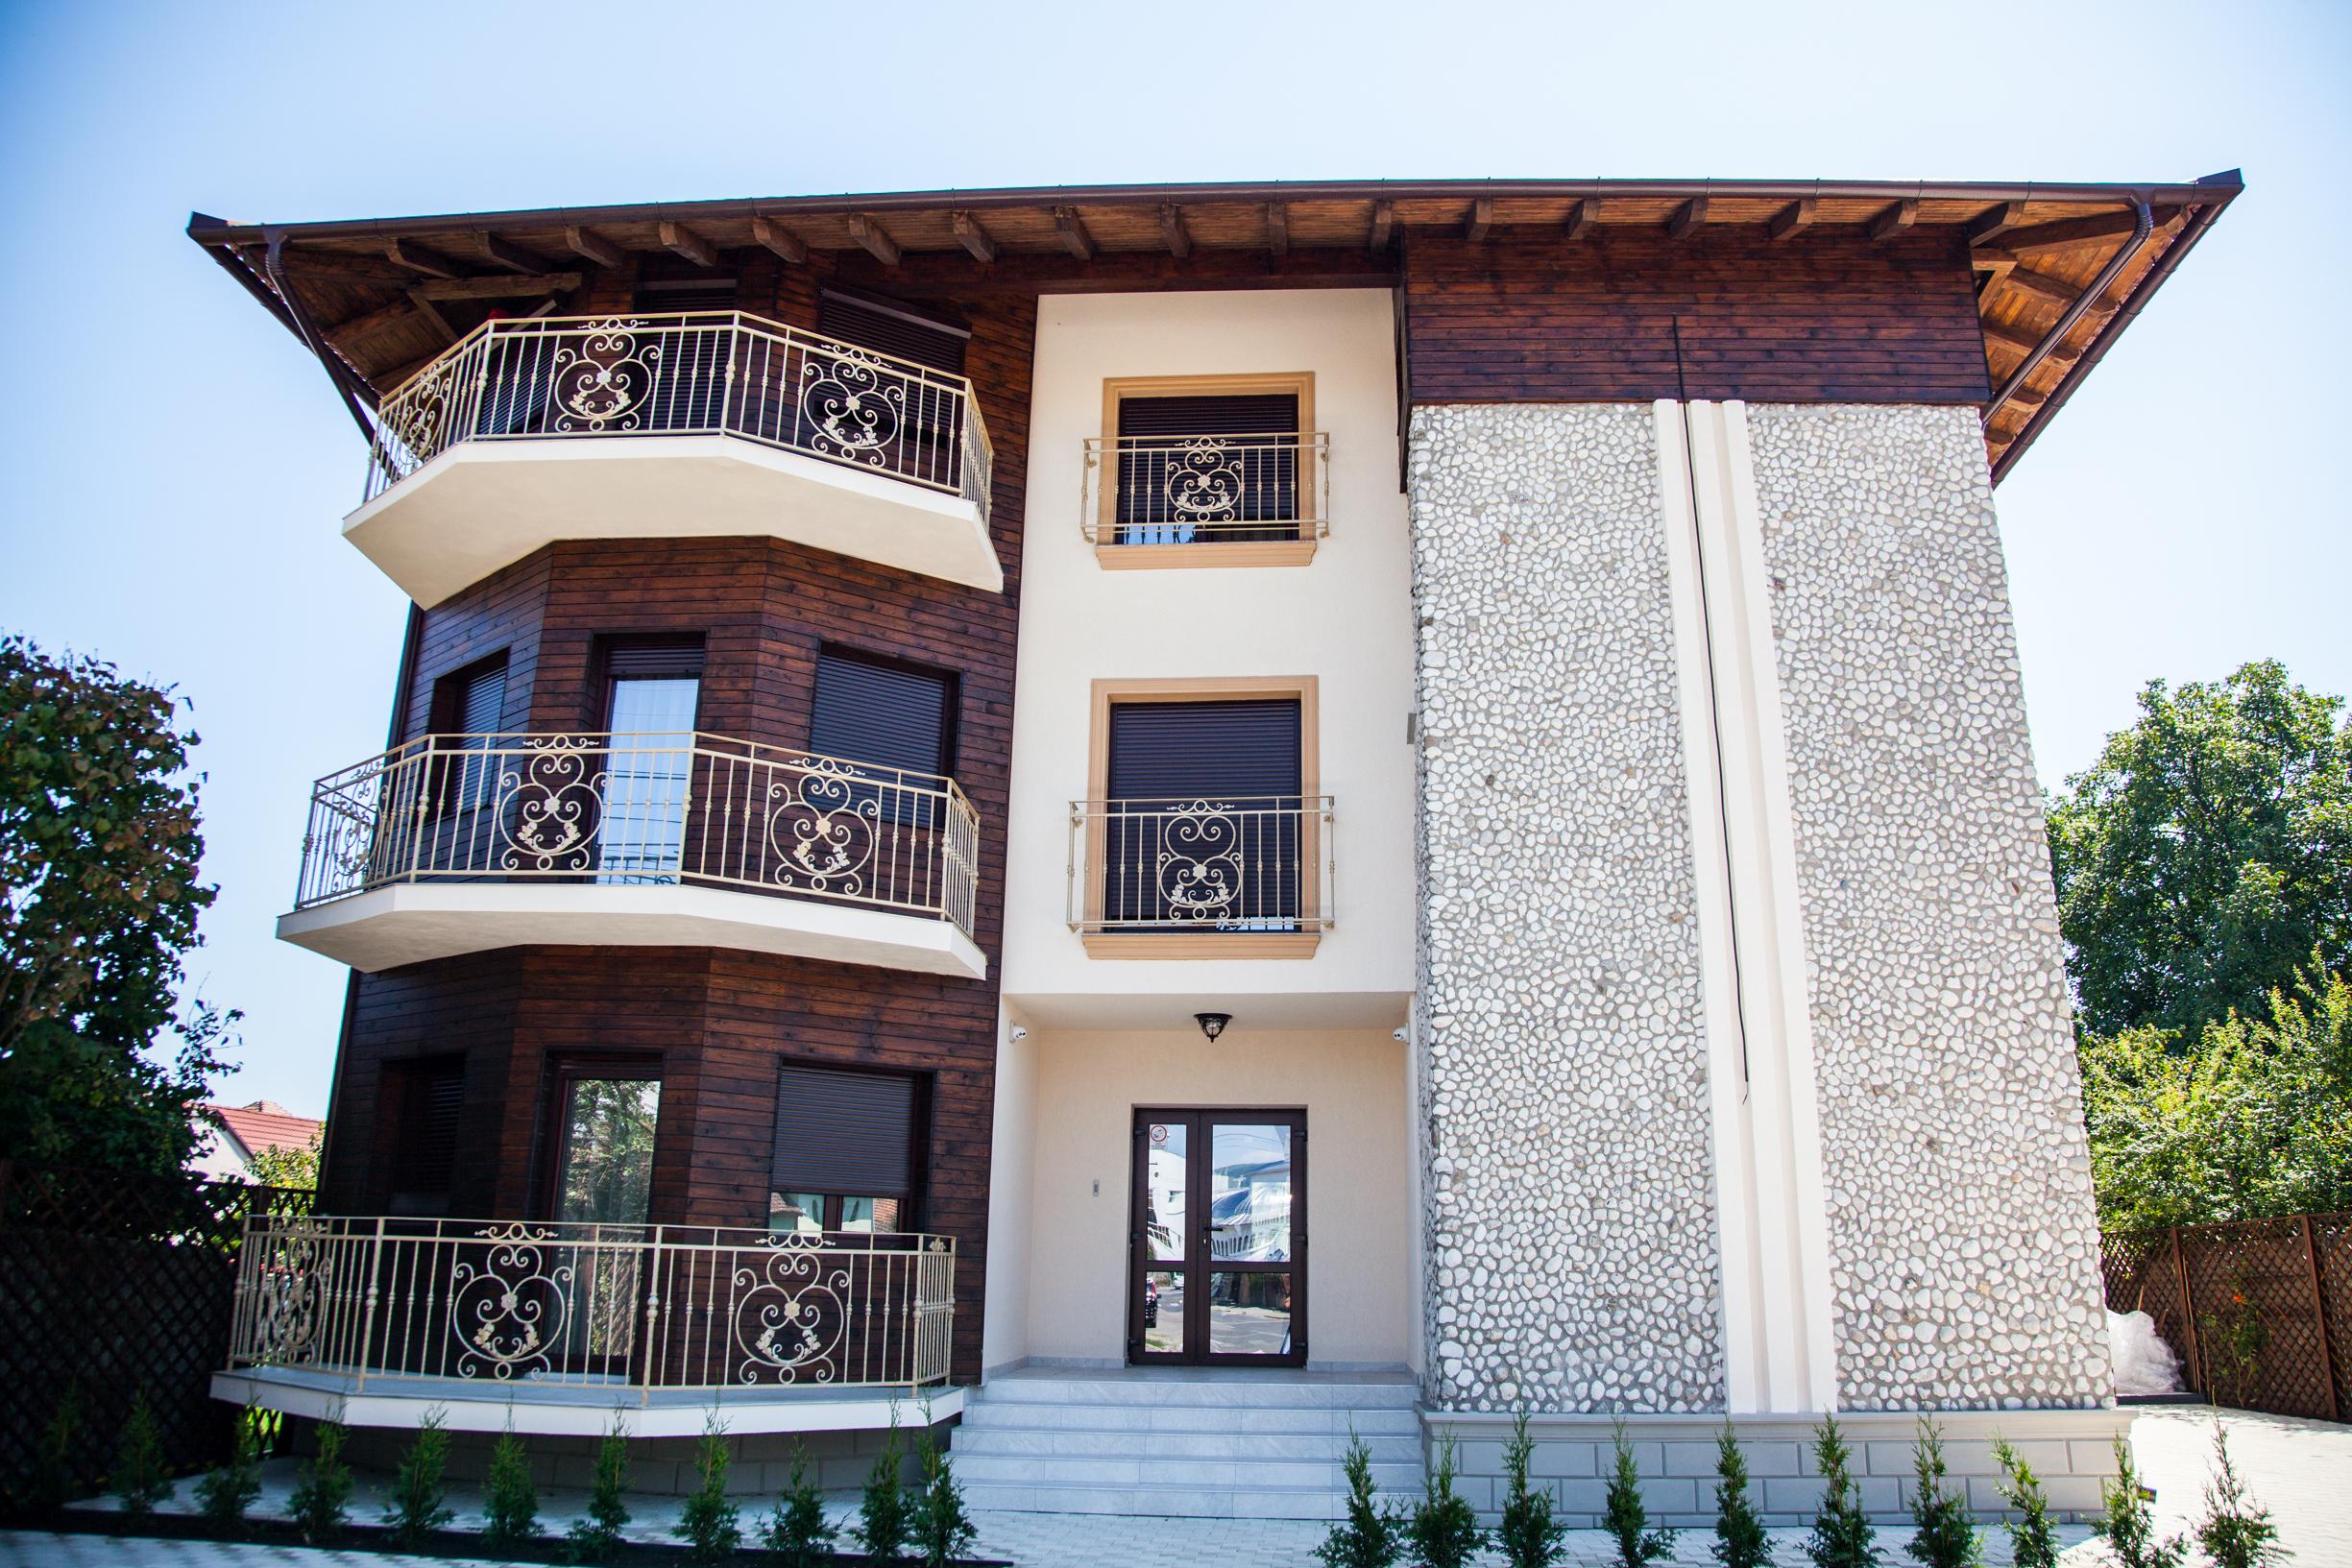 FOTO: Cea mai nouă pensiune din Alba Iulia își deschide porțile. Sunteți așteptați la Ave, Alba!